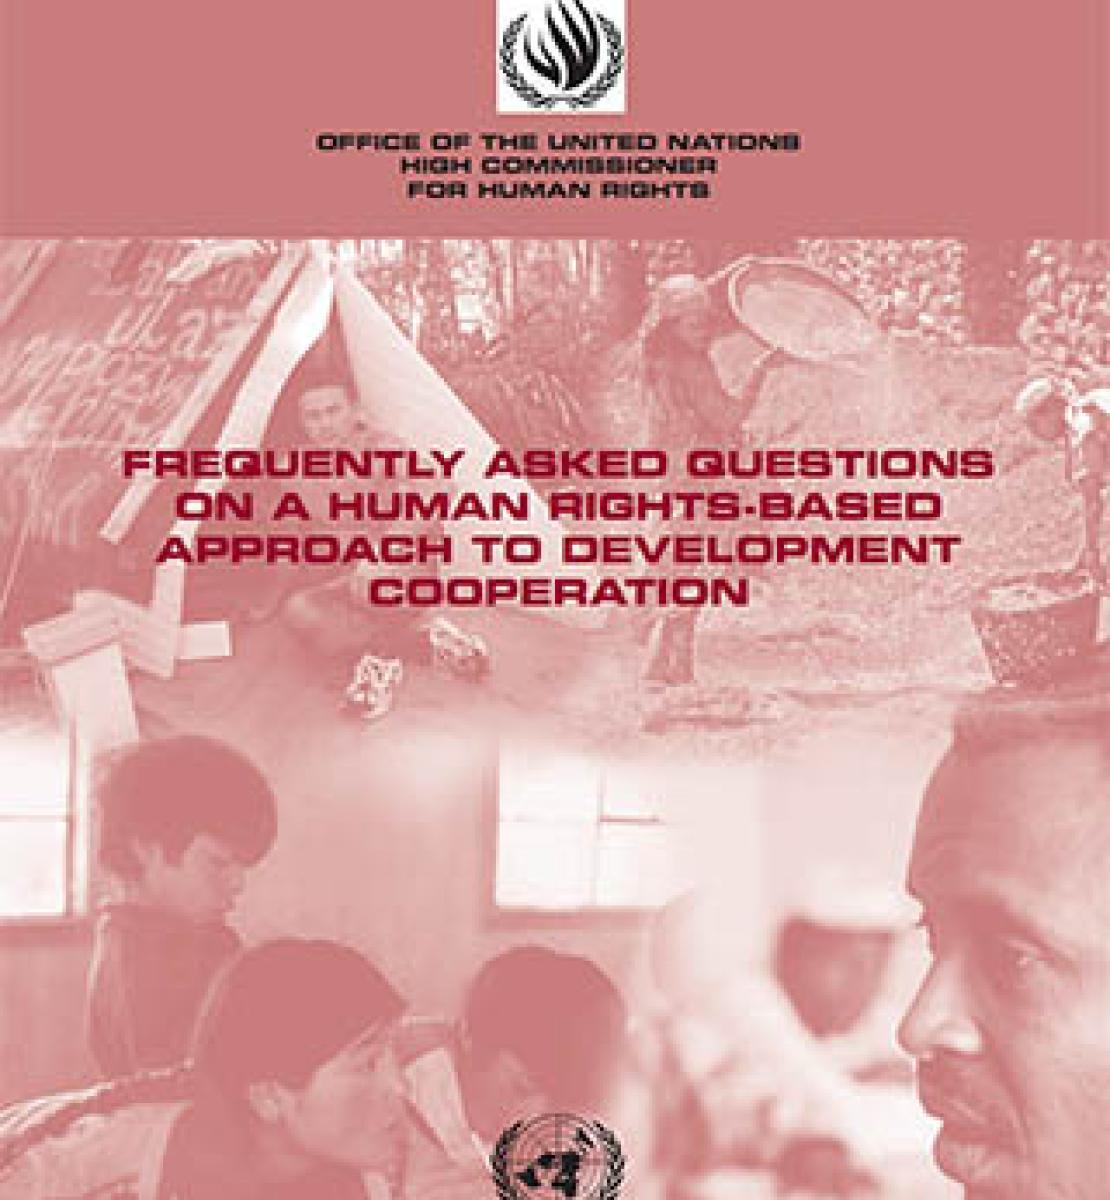 Preguntas frecuentes sobre el enfoque de derechos humanos en la cooperación para el desarrollo